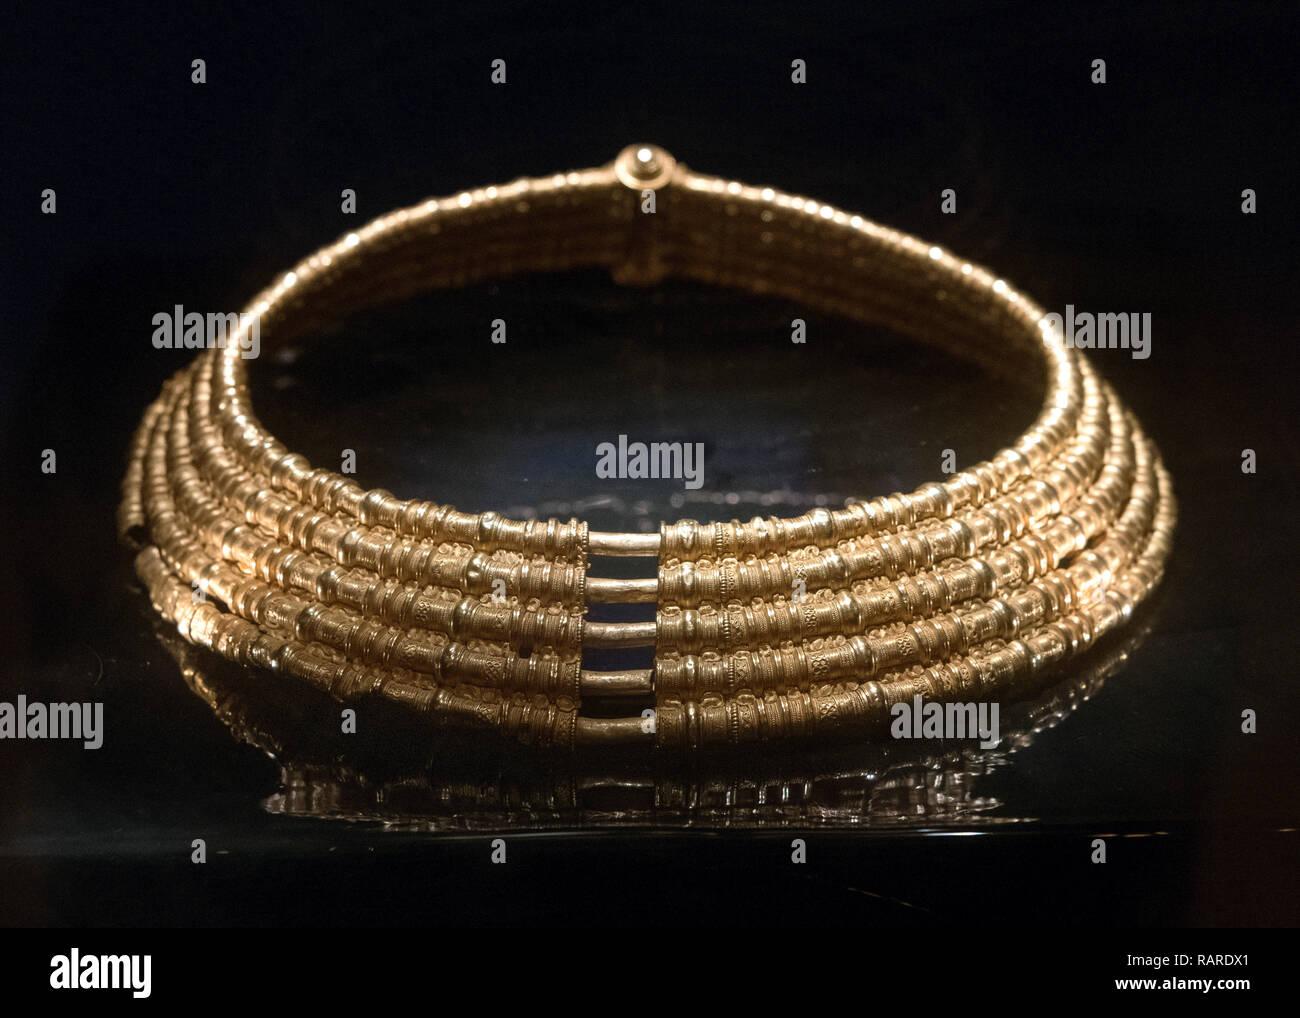 5th or 6th century (AD 400-550) Gold Collar from Färjestaden (Öland), Swedish History Museum (Historiska museet), Stockholm, Sweden - Stock Image